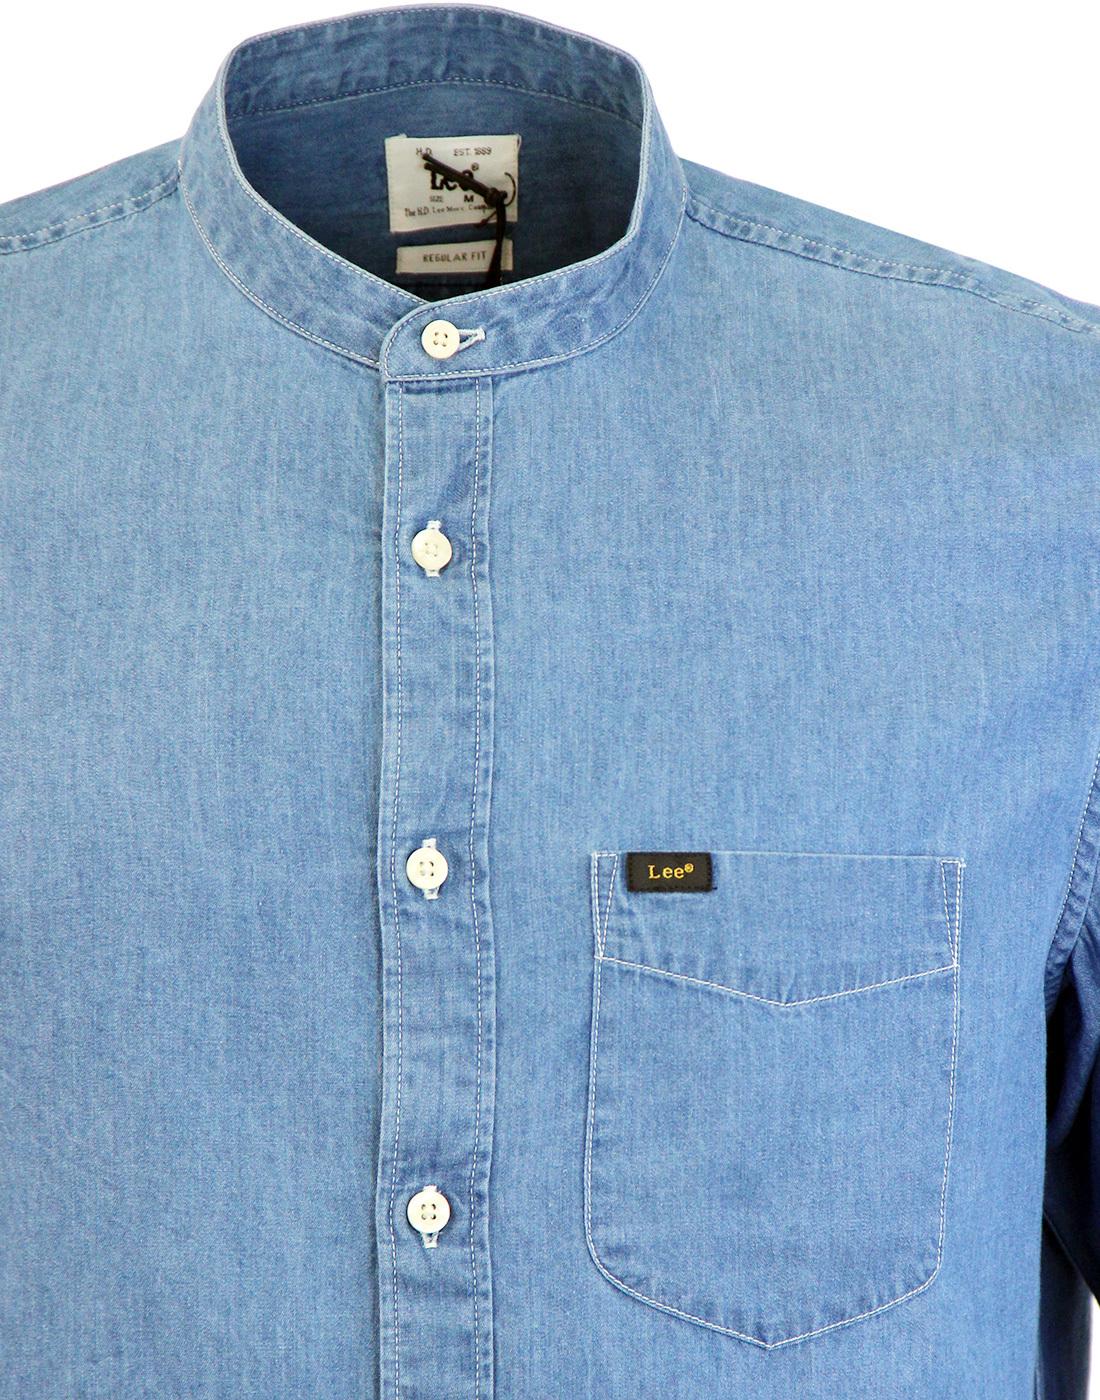 181ebdd4898 LEE Retro 60s Band Collar Denim Grandad Shirt in Dark Indigo